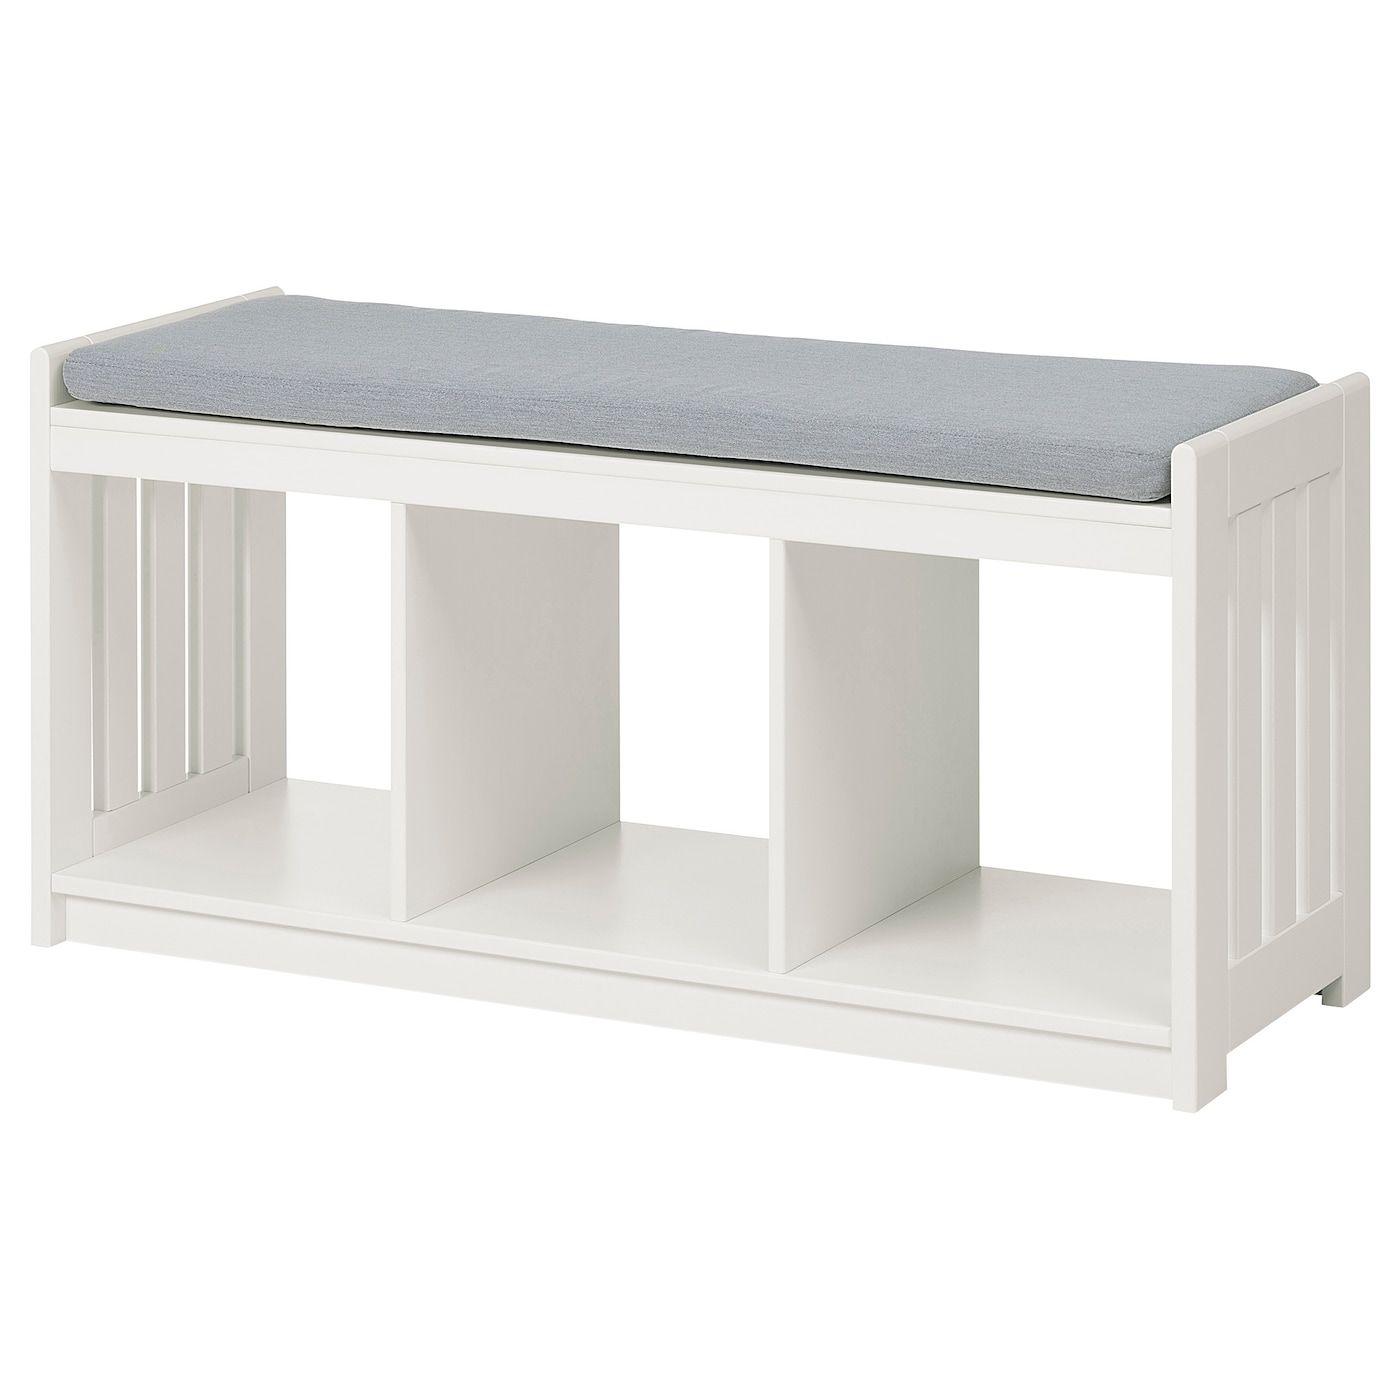 Panget Storage Bench White Ikea In 2020 Storage Bench Ikea Bench Bench With Shoe Storage